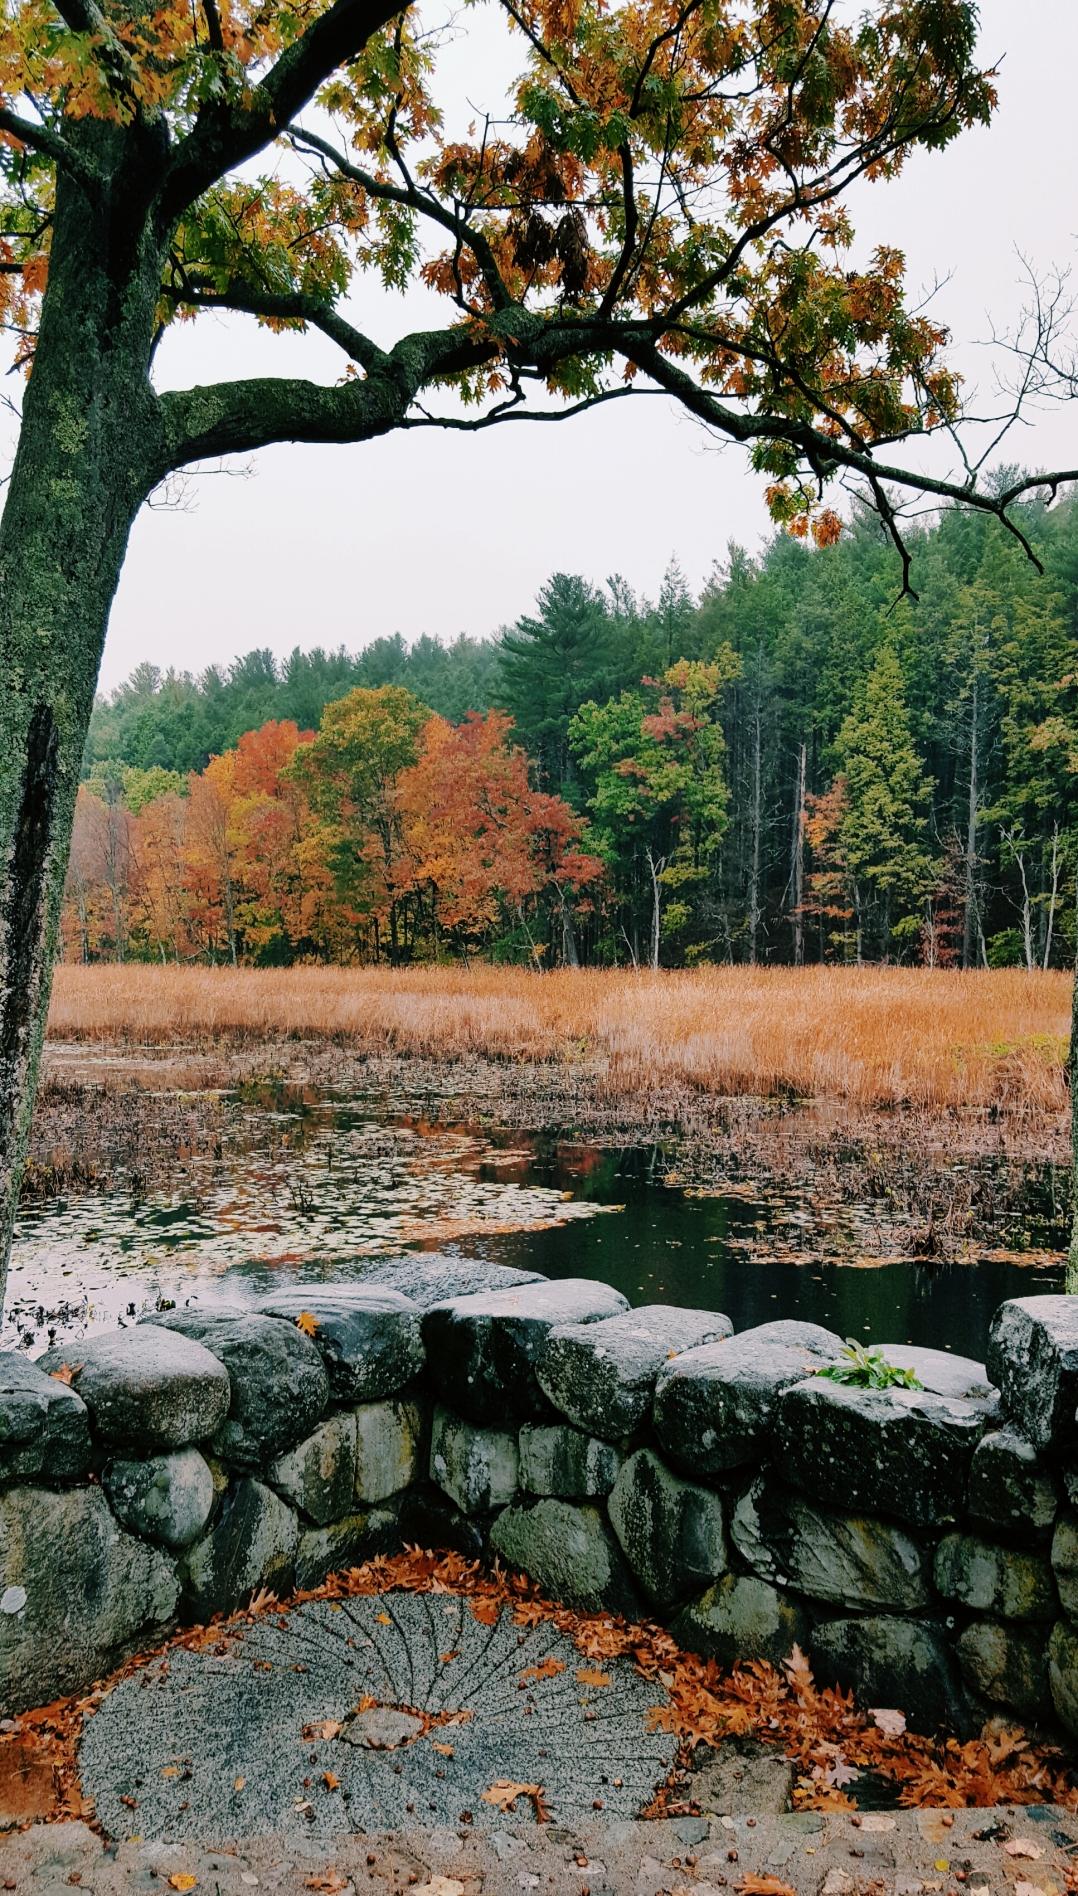 autumn-in-tospfield-2016-18